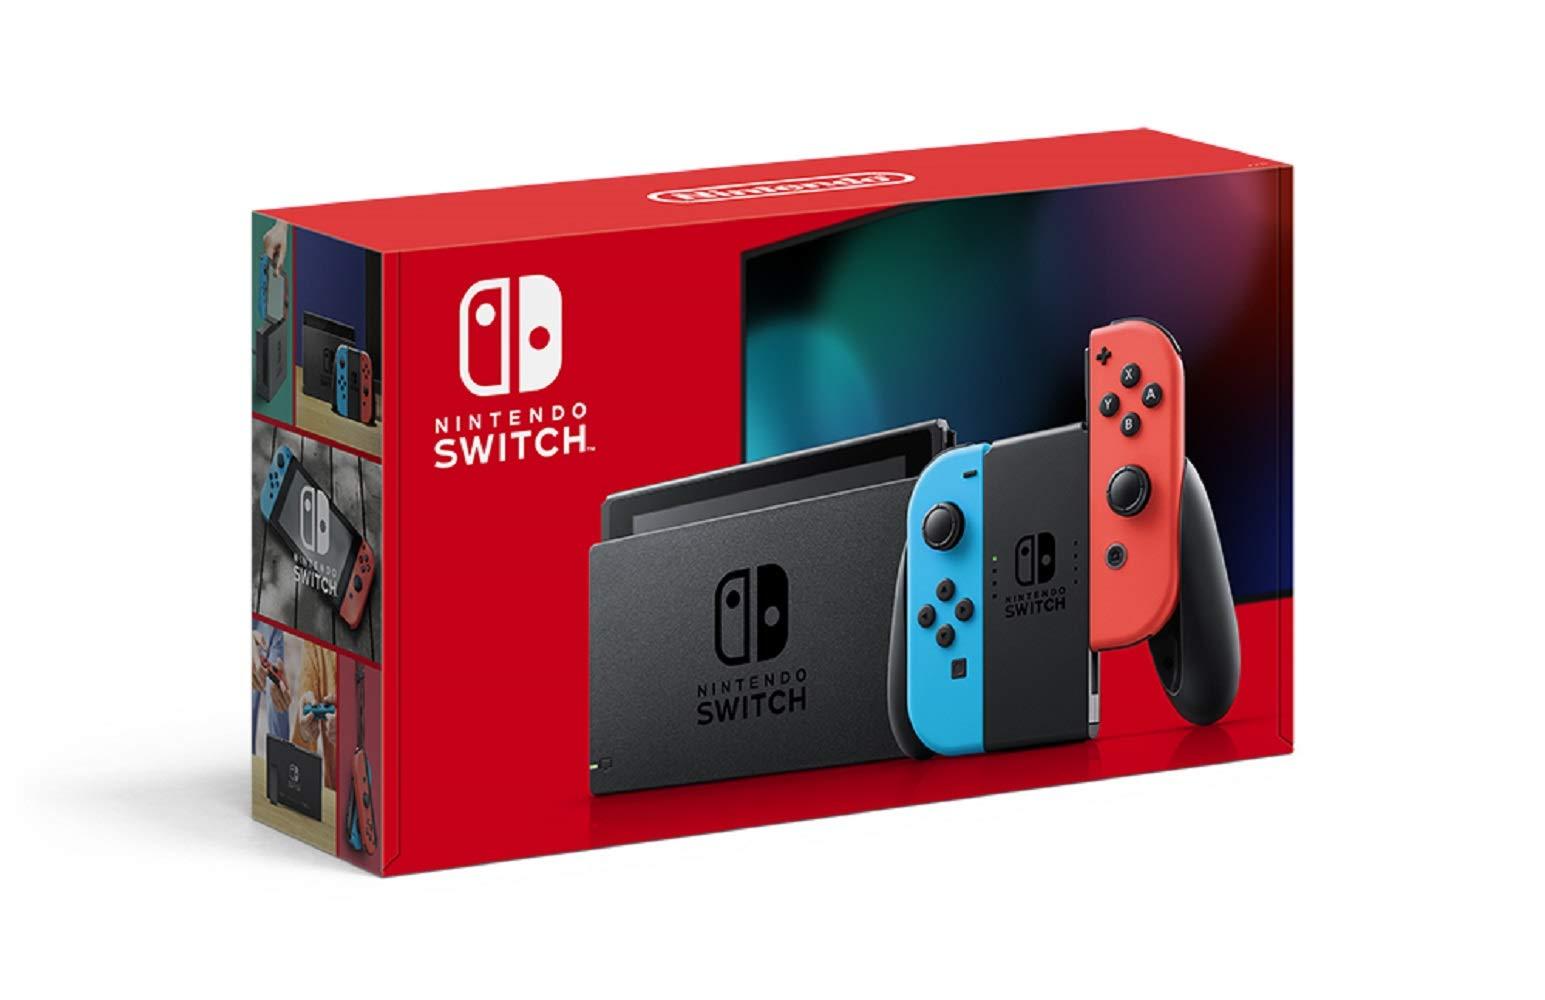 Nintendo Switch 本体、脳トレ&Nintendo Switch本体セット『リングフィット アドベンチャー』の抽選販売 【マイニンテンドーストア】